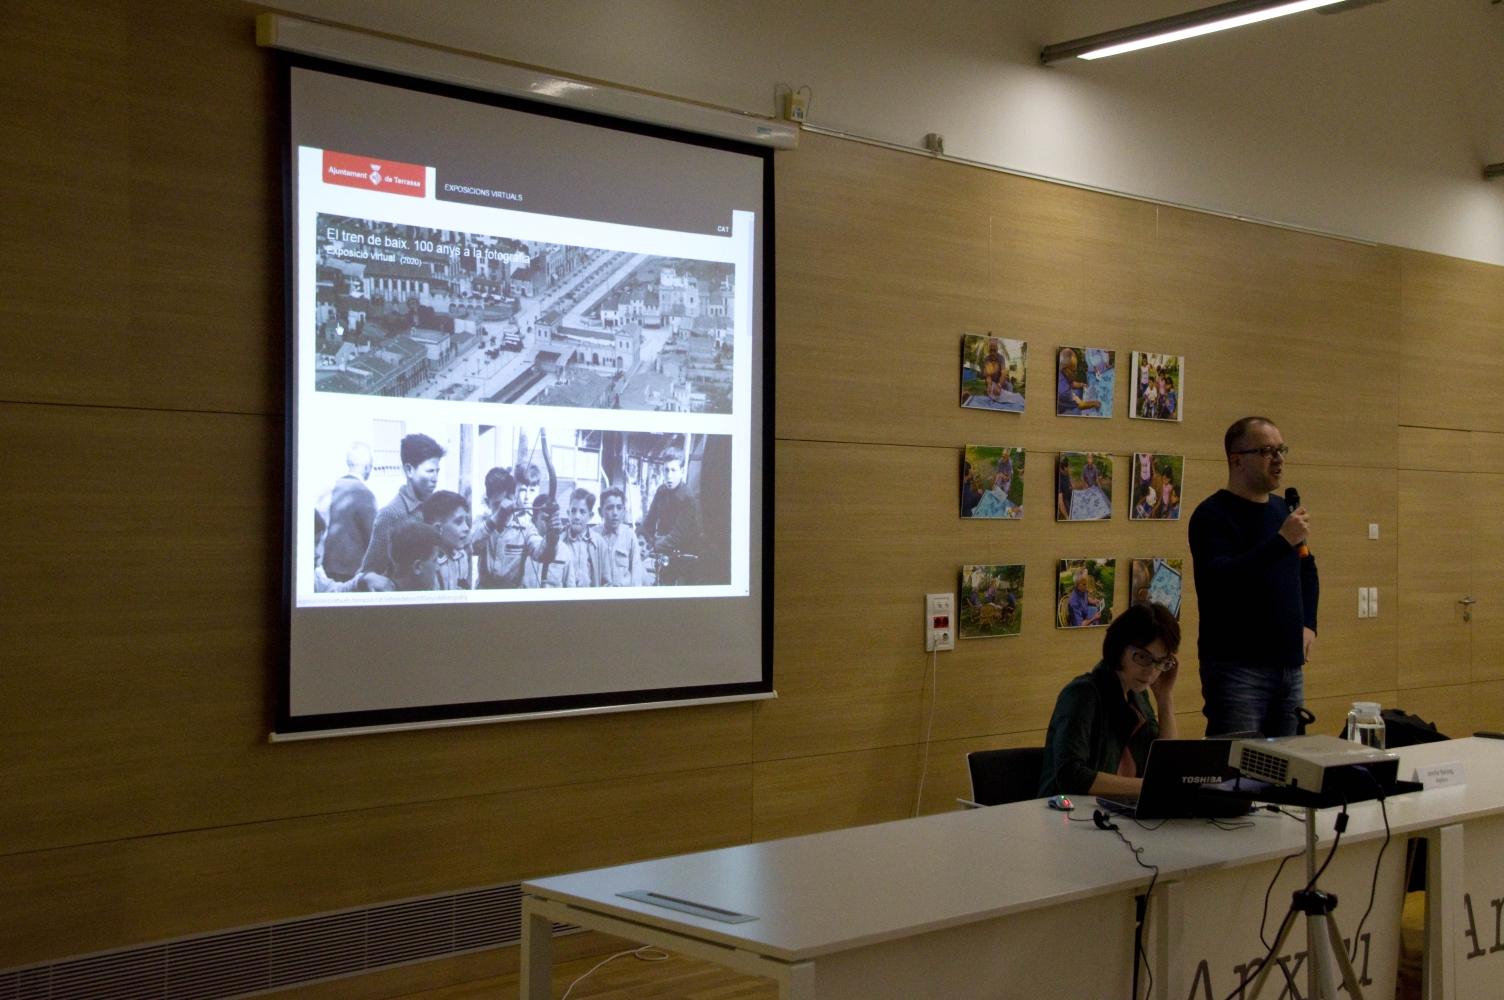 Conferència d'en Jordi Orta – Fotografies de l'acte